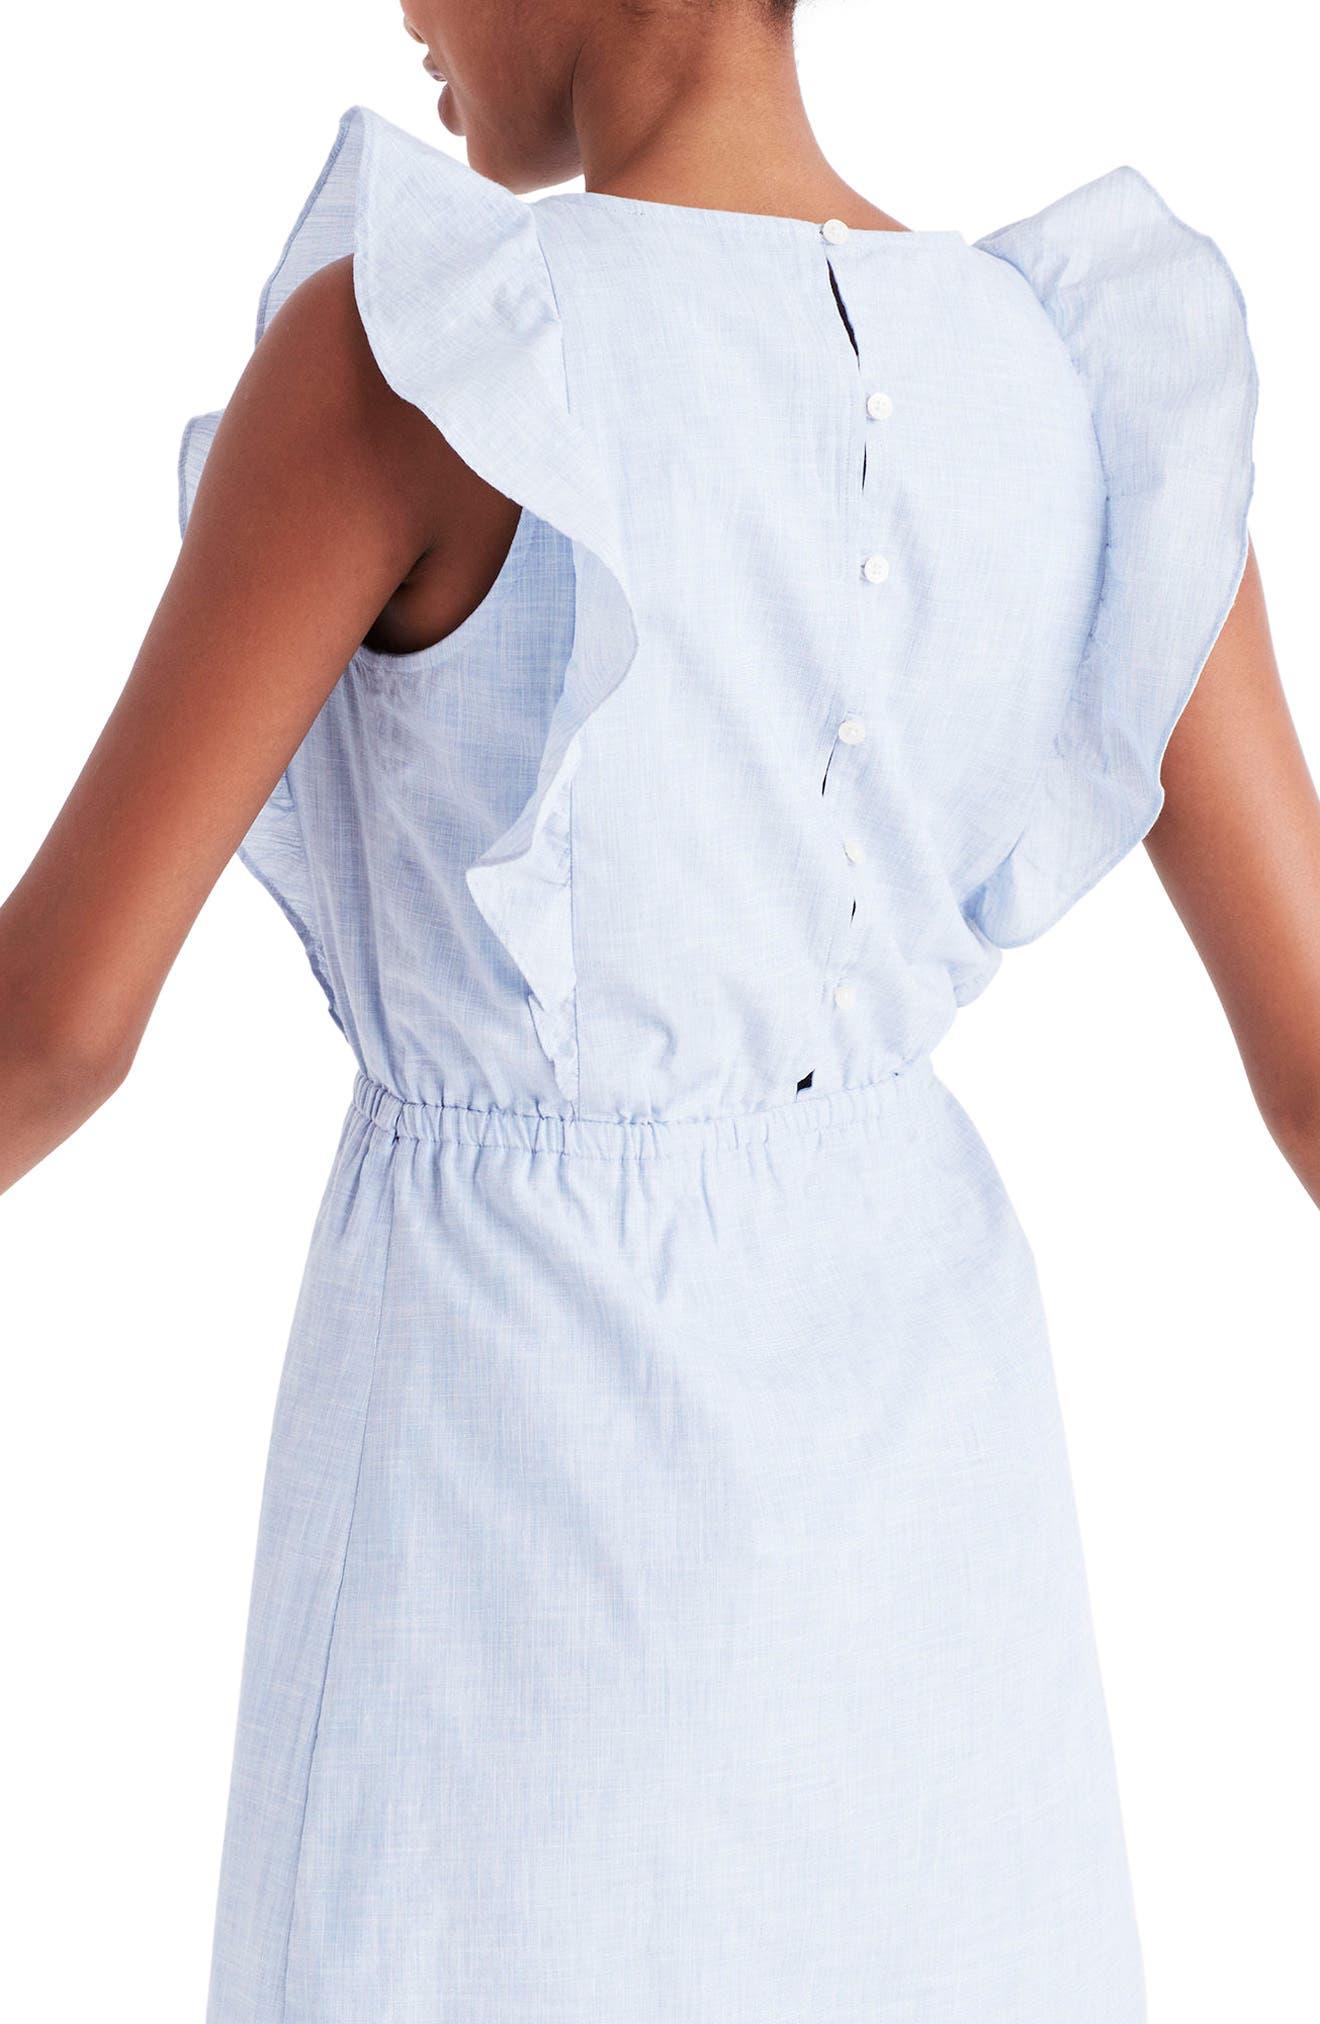 Bellflower Ruffle Dress,                             Alternate thumbnail 2, color,                             400